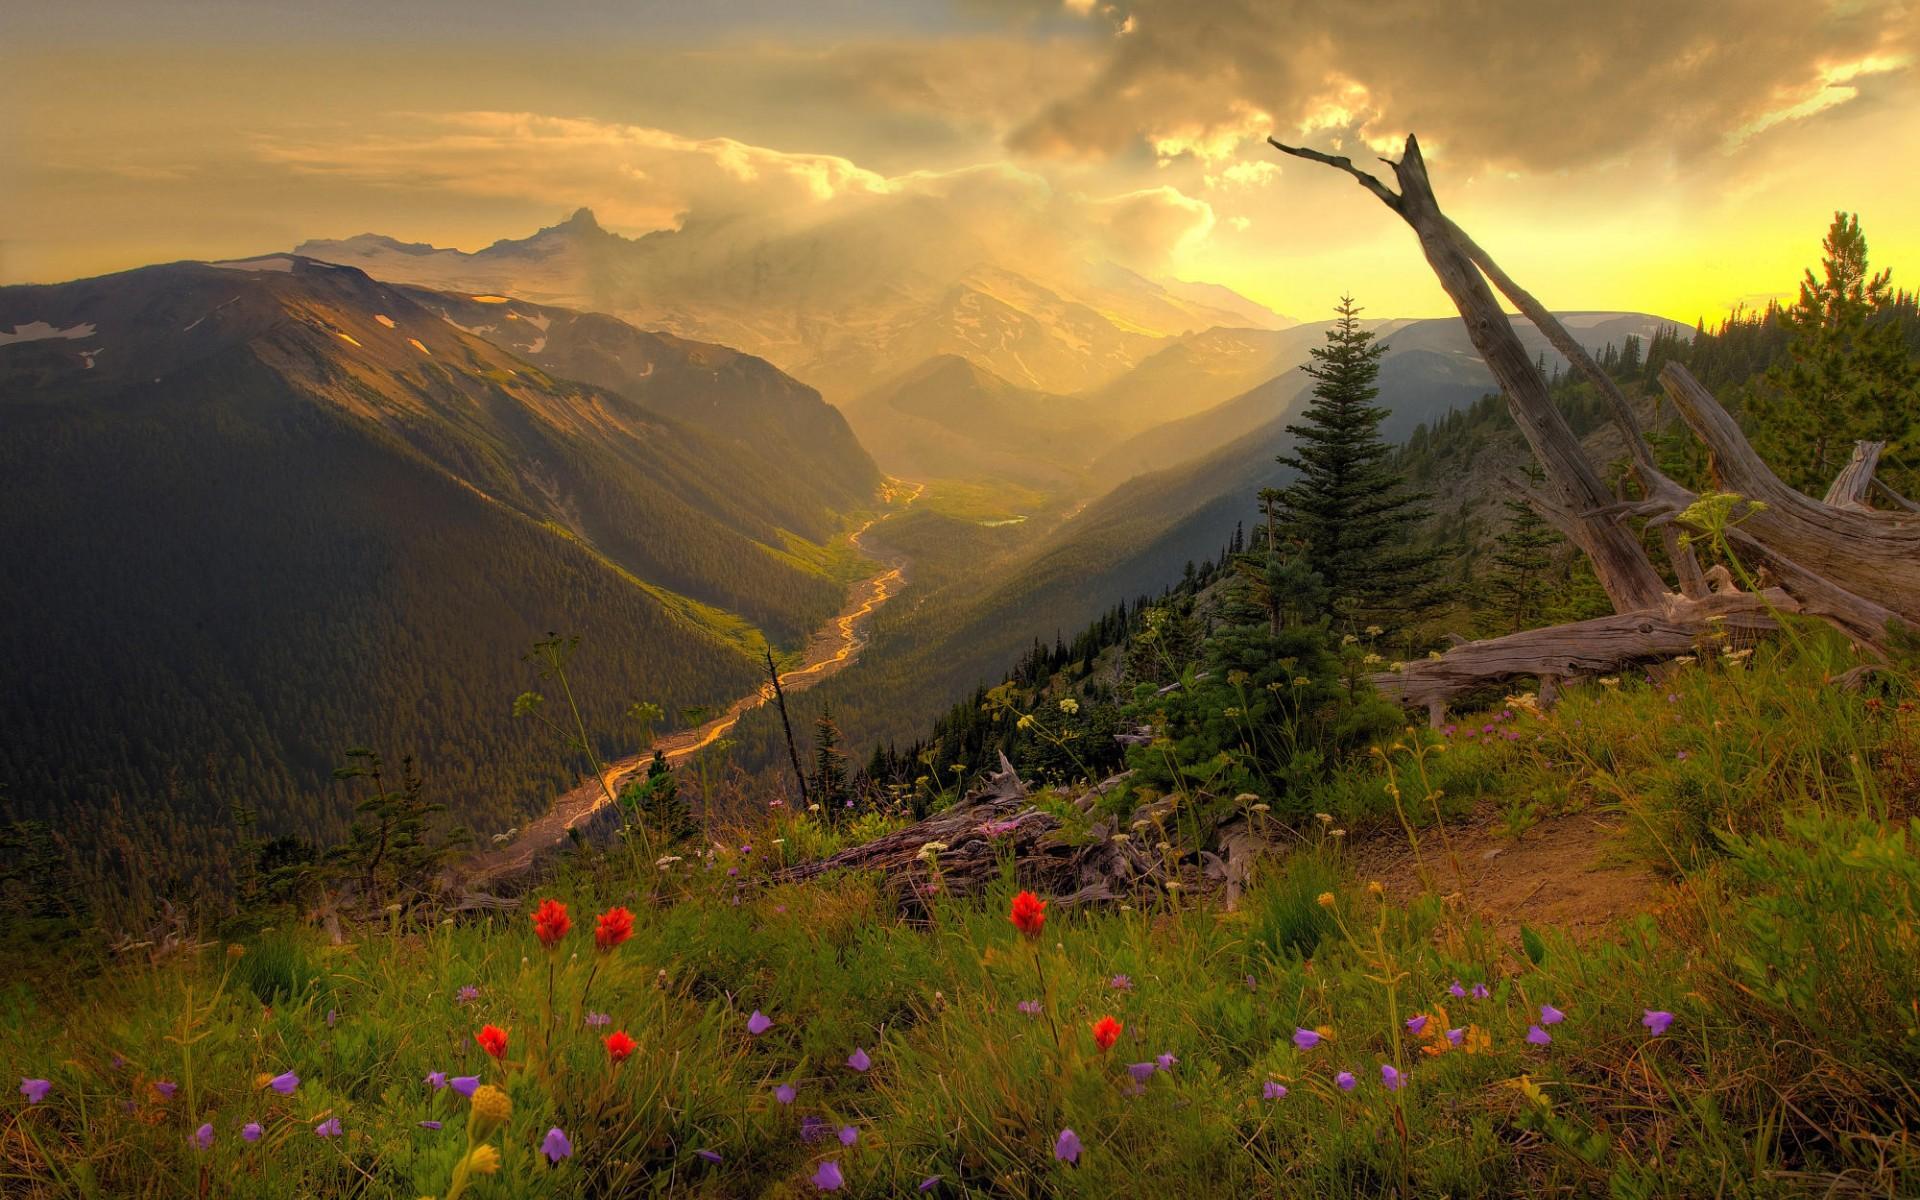 Amazing Mountain Scenery